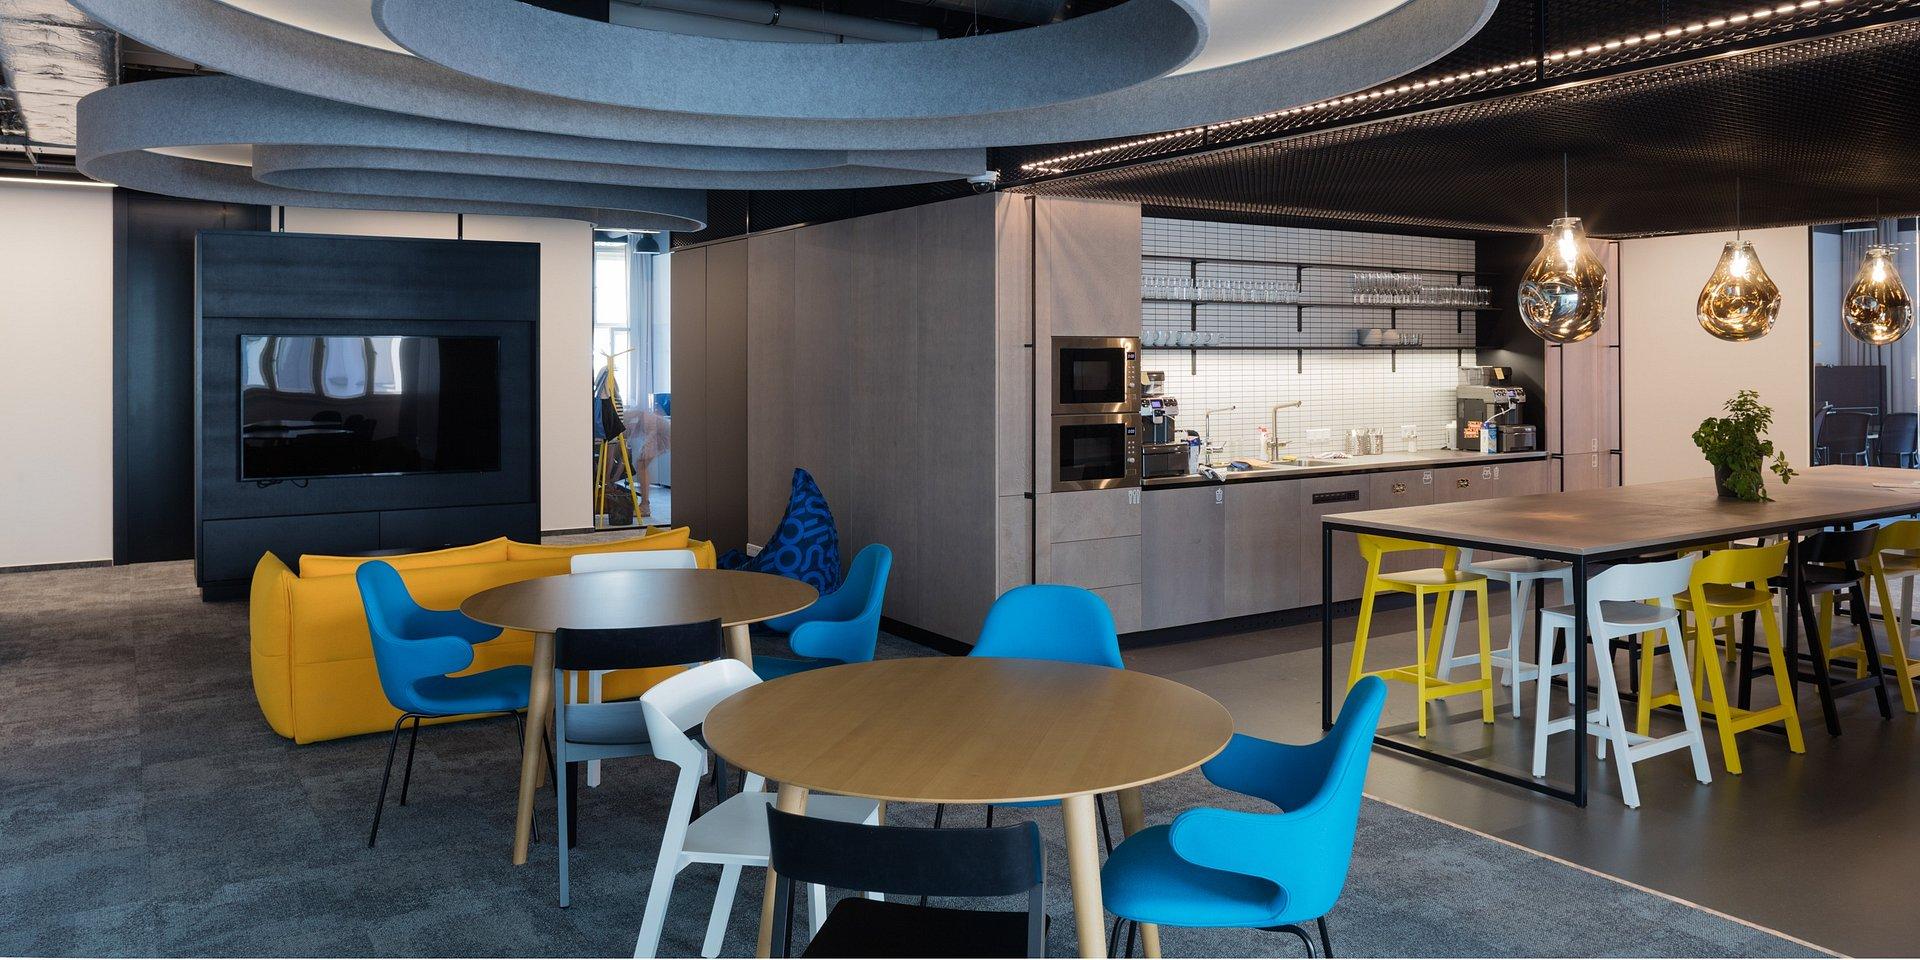 HubHubu se daří! V příštím roce plánuje své prostory rozšířit o dalších 4 000 m2